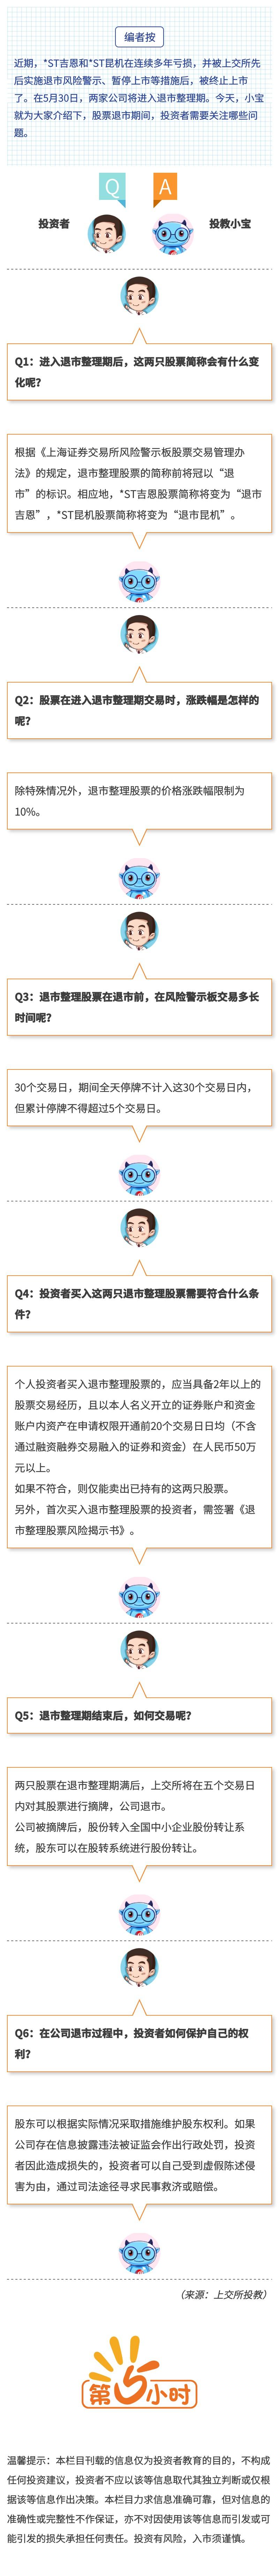 股票退市,投资者要注意什么?(长图).jpg